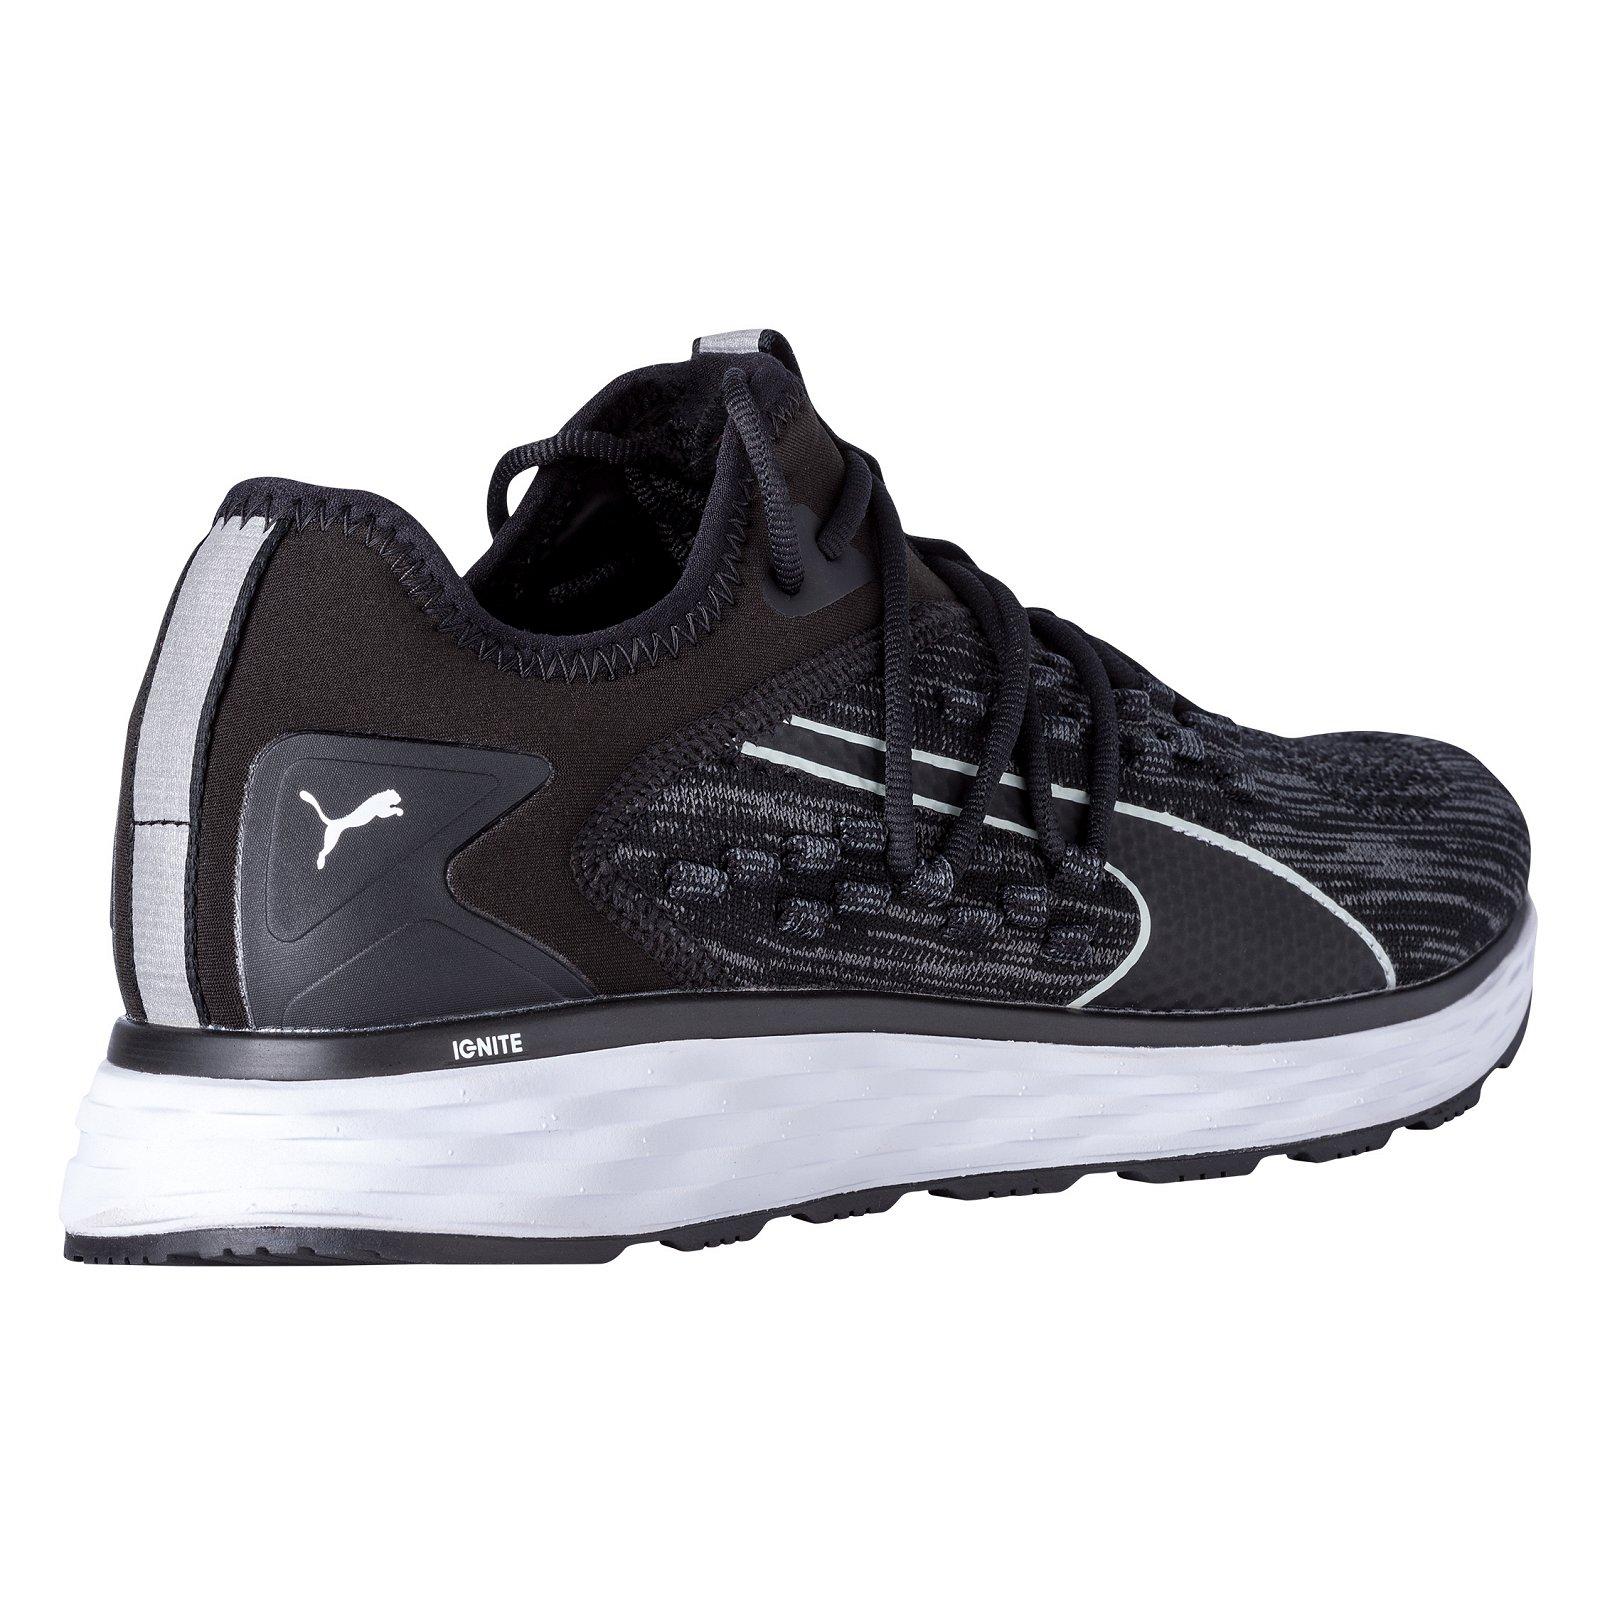 b7b83c40147d32 Borussia Mönchengladbach - FohlenShop   Running Shoes